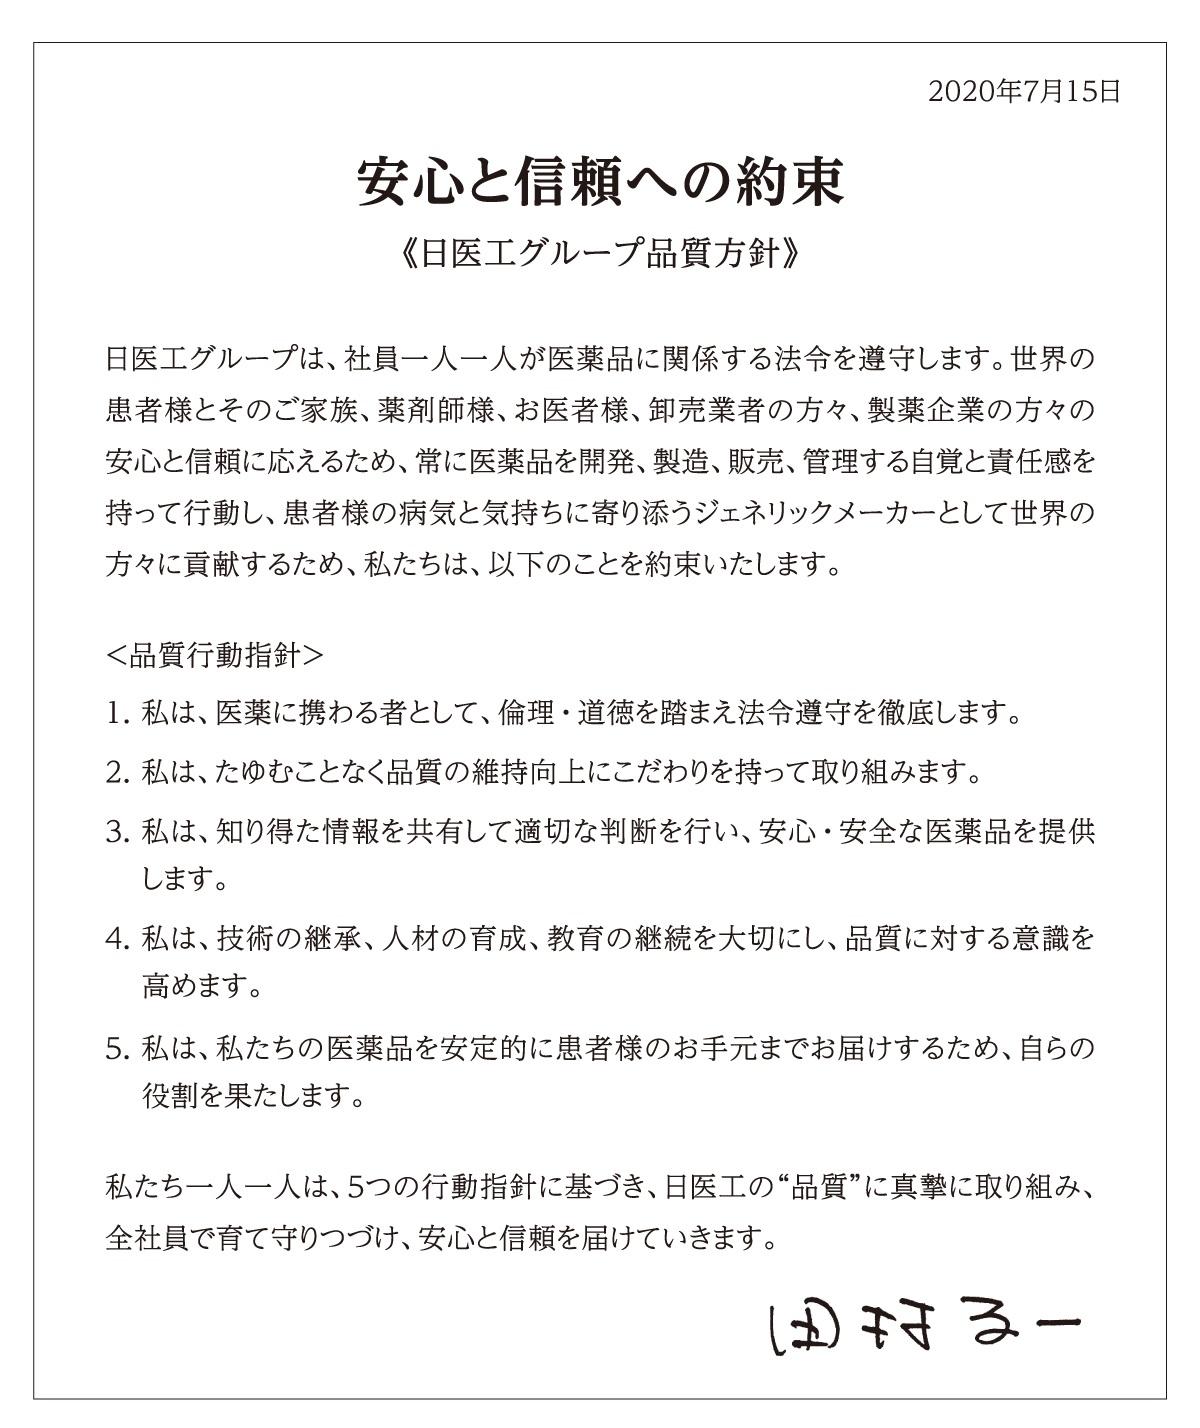 品質方針 | 日医工株式会社